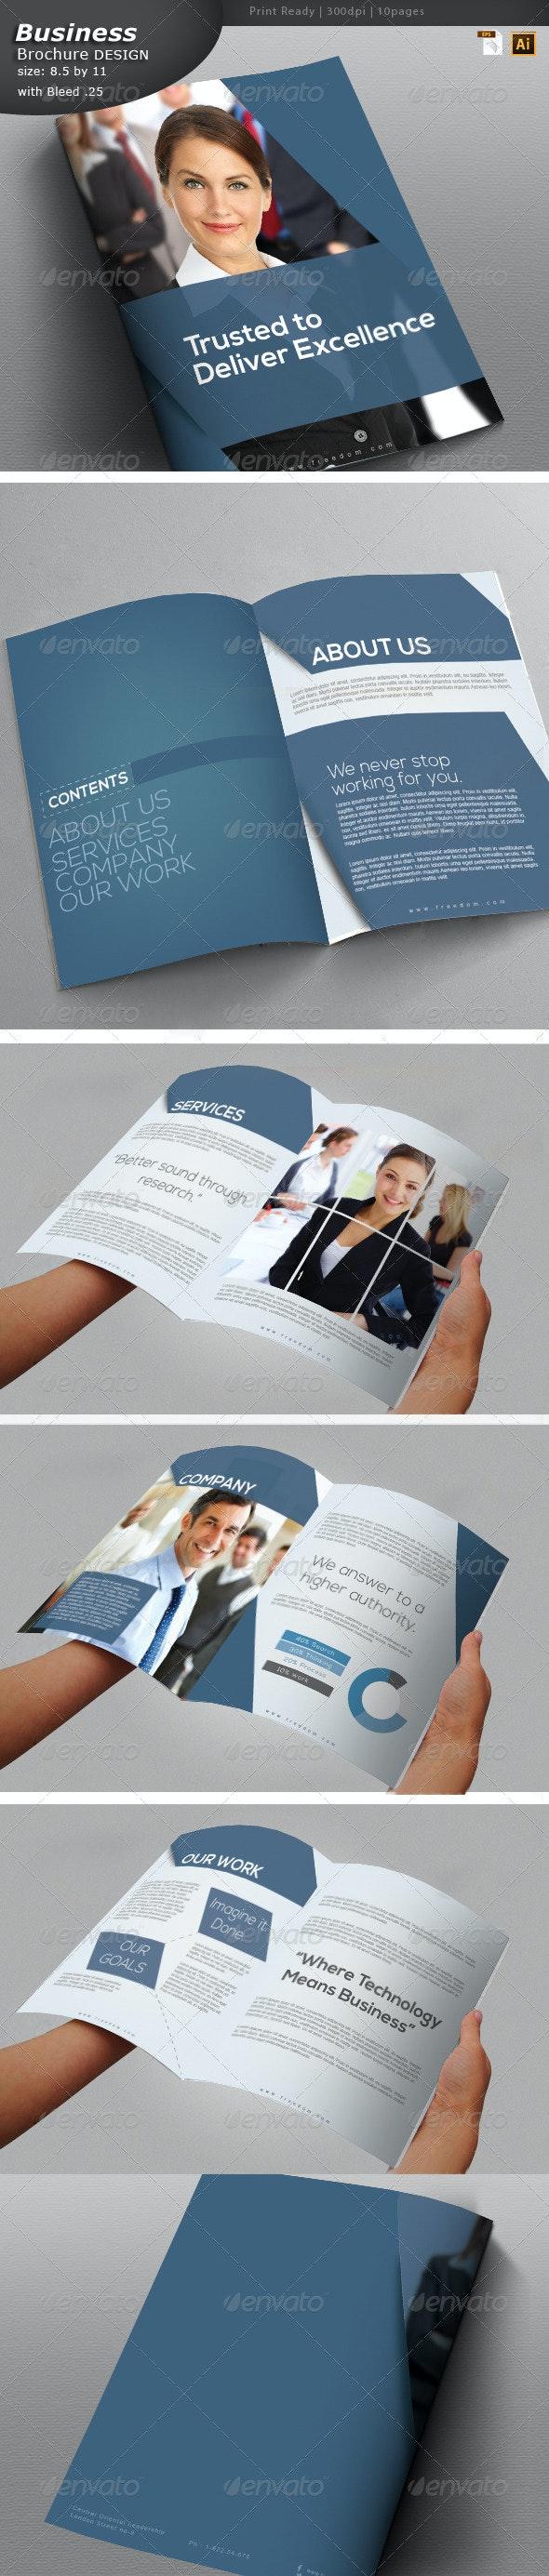 Marketing Brochure Design  - Corporate Brochures